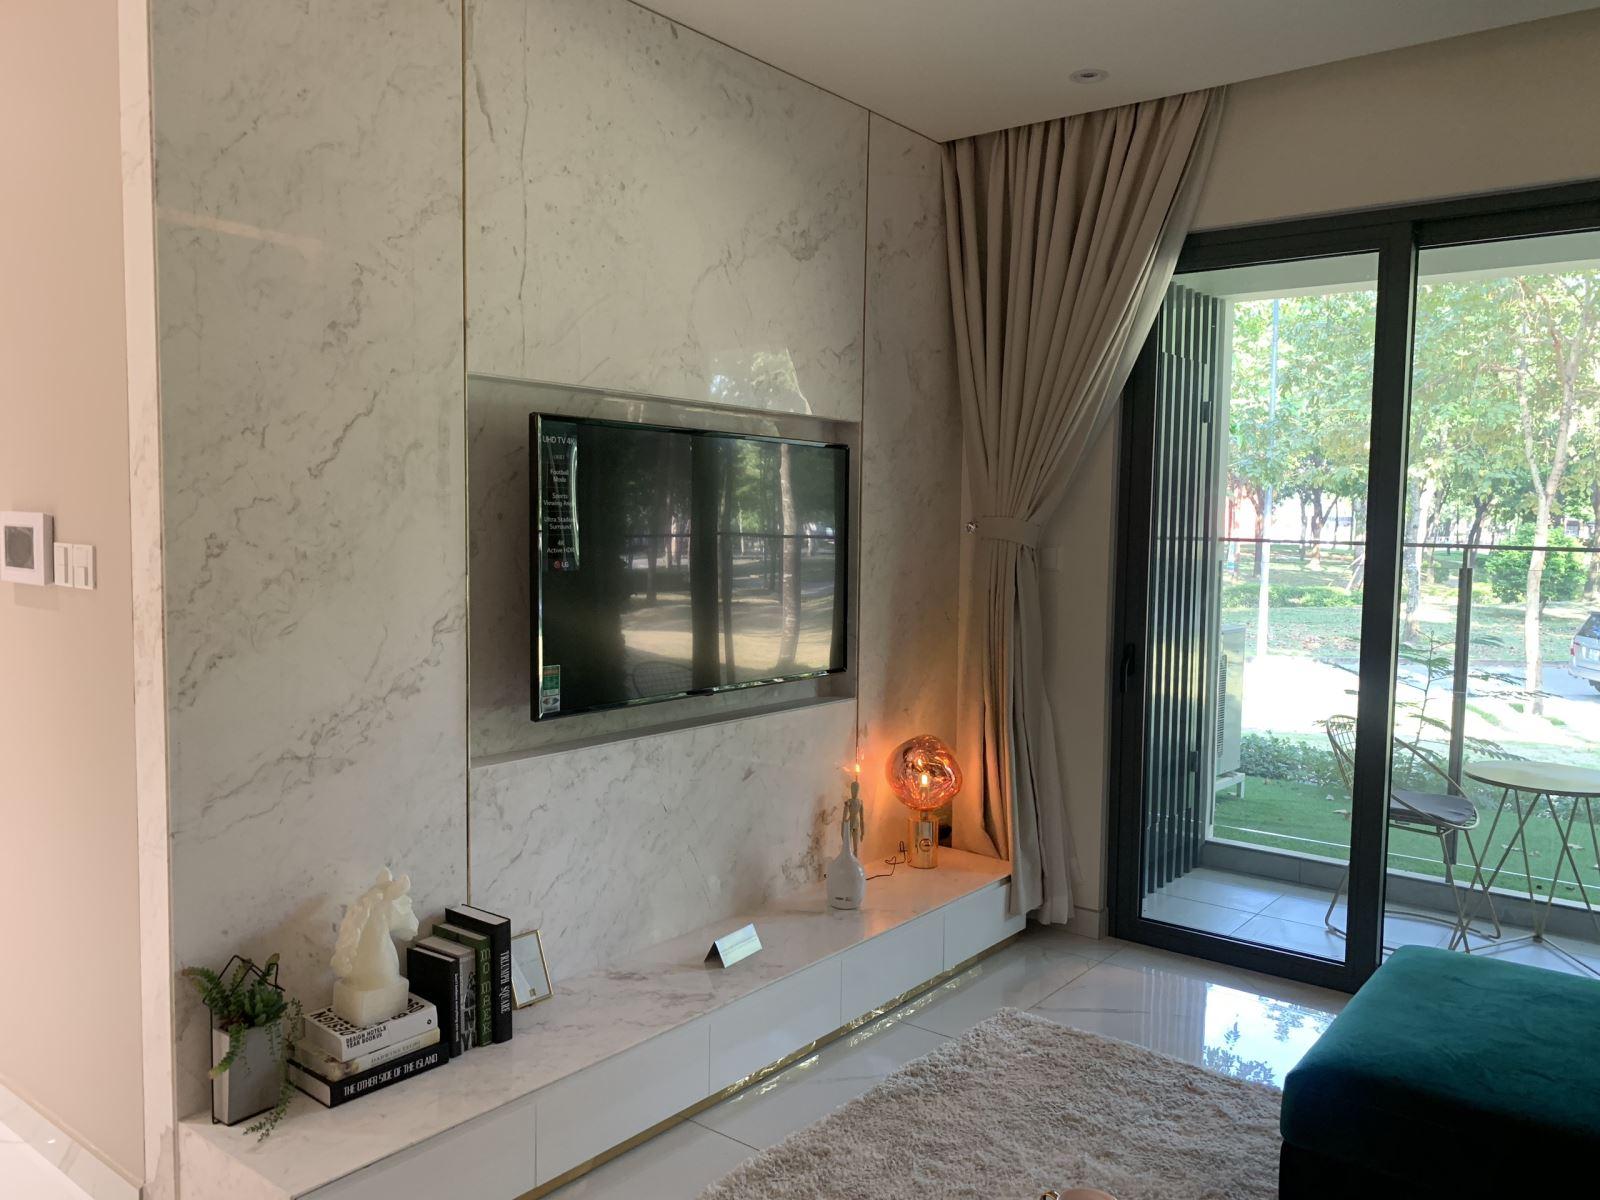 Nội thất nguyên căn sang trọng và hiện đại căn hộ mẫu